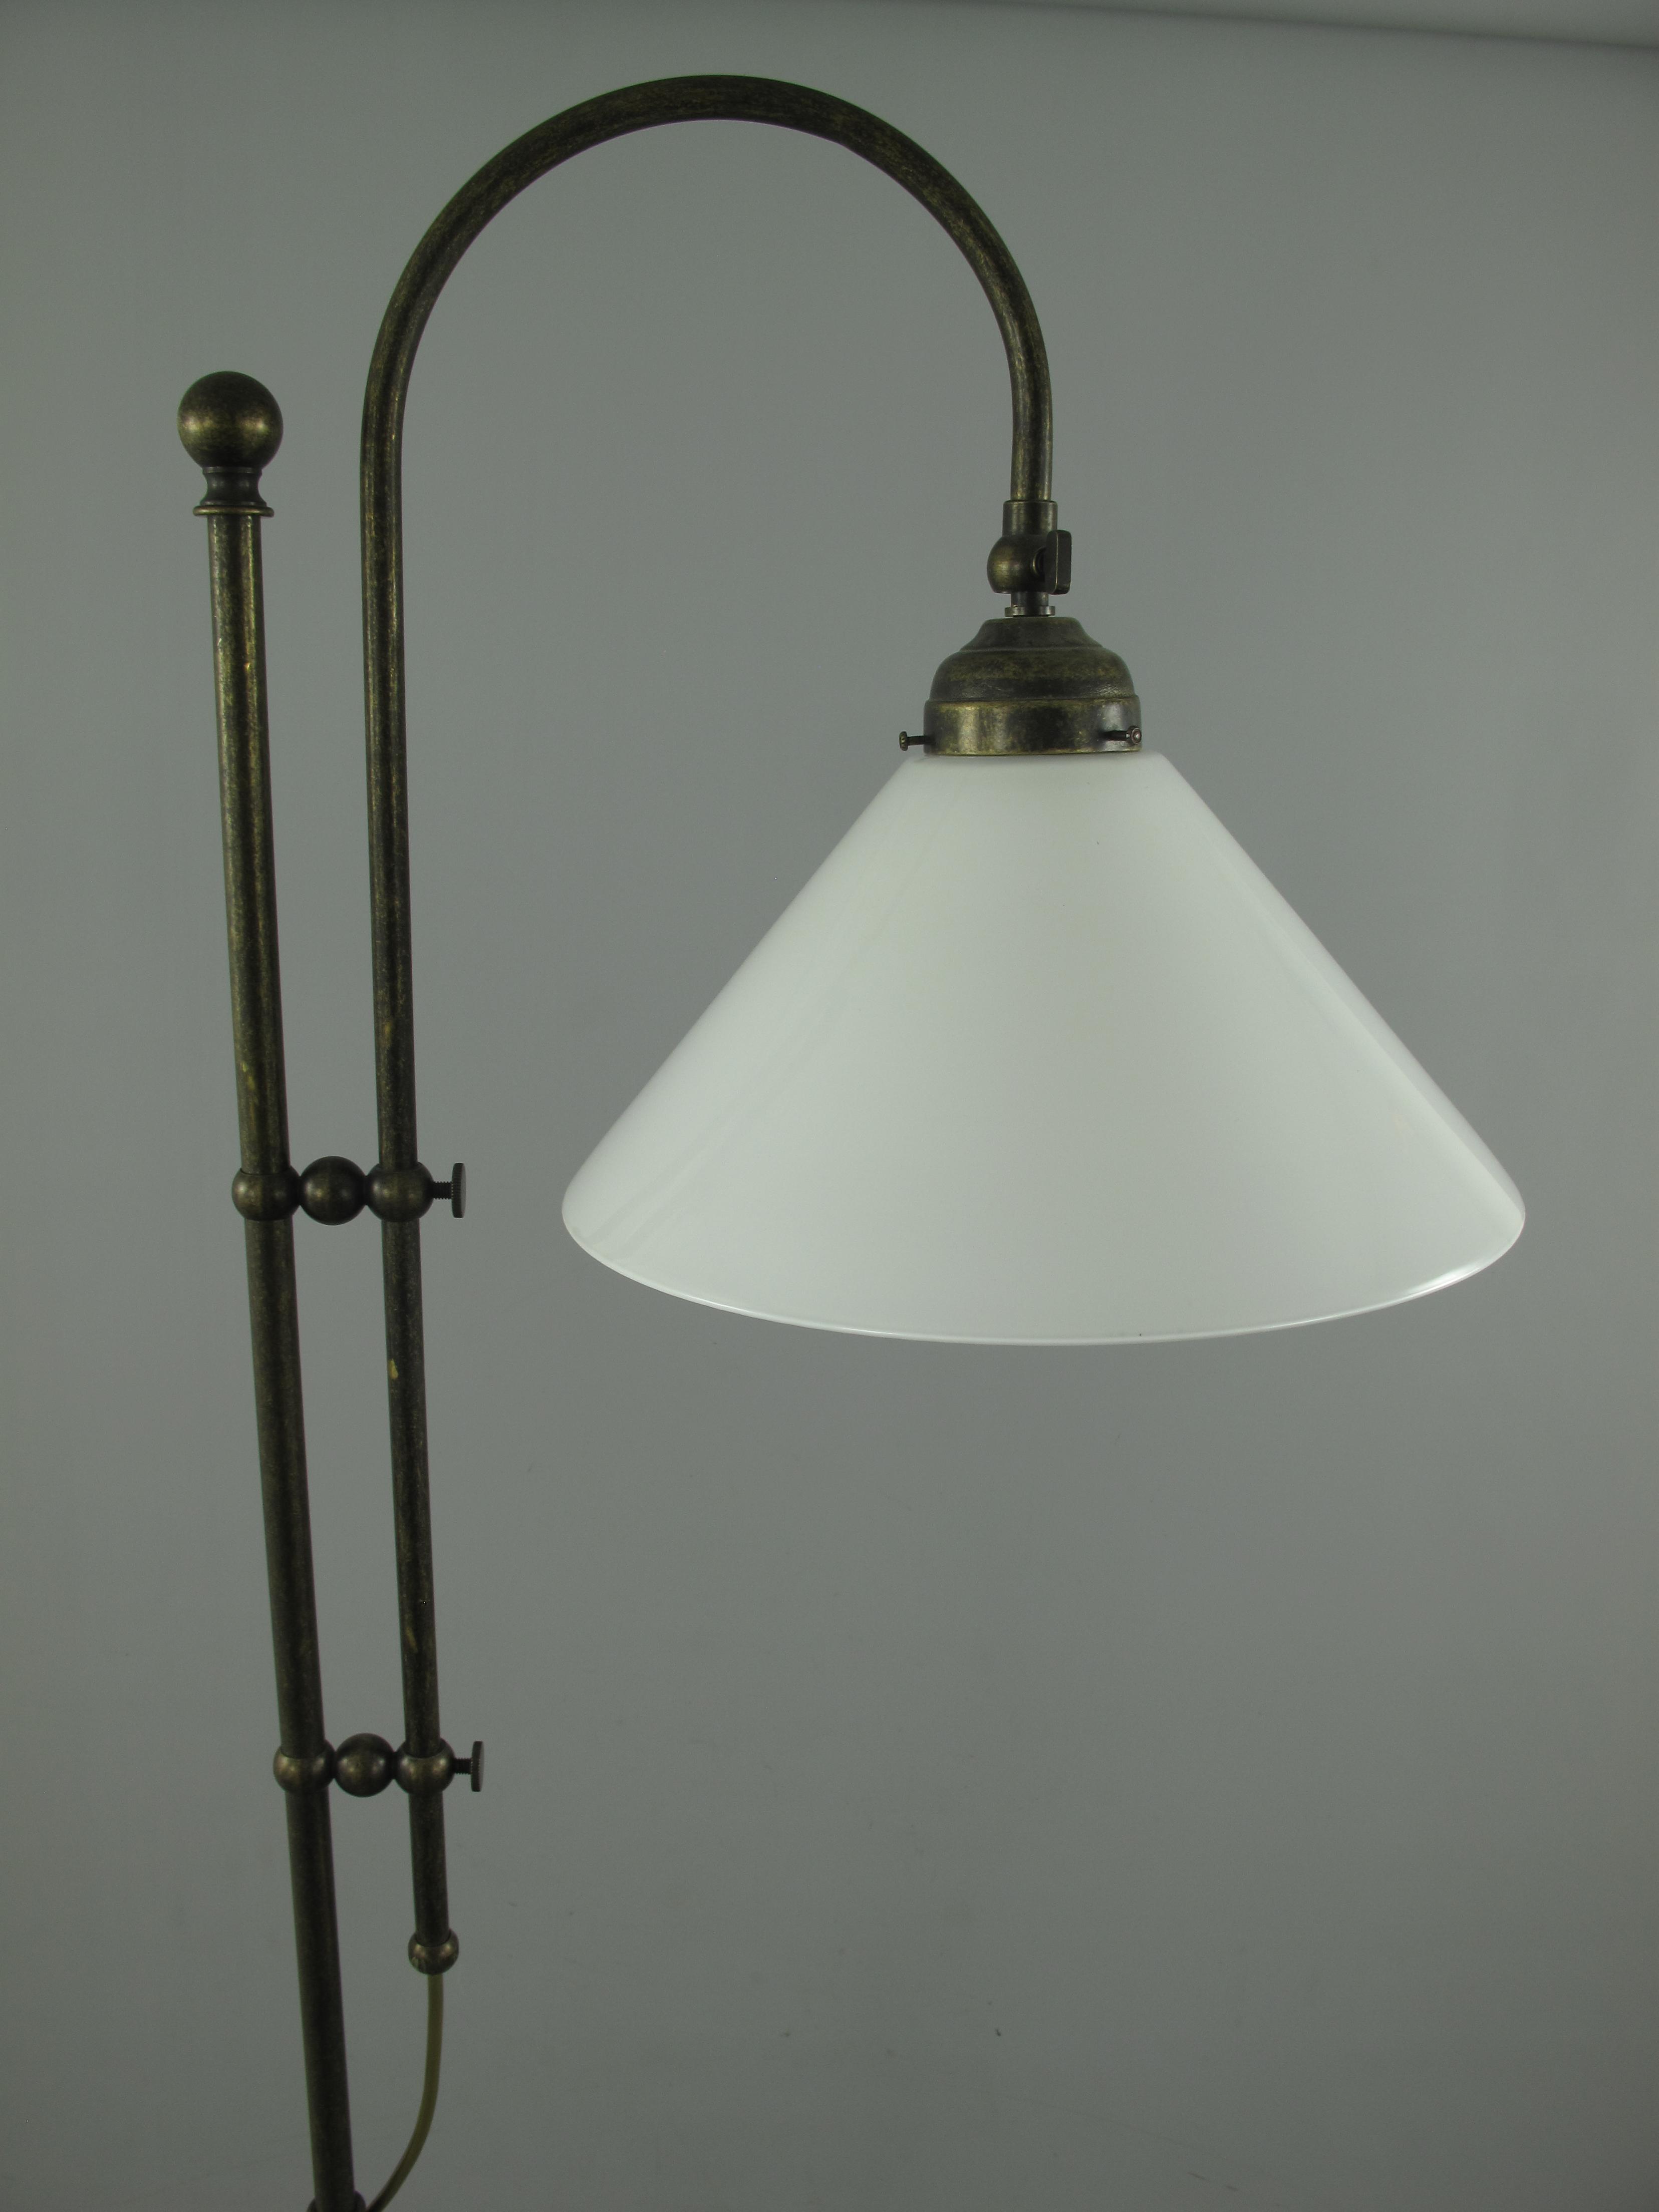 Lampe Messing Bruniert Schirm 151 100w30 H 175cm Stehlampen